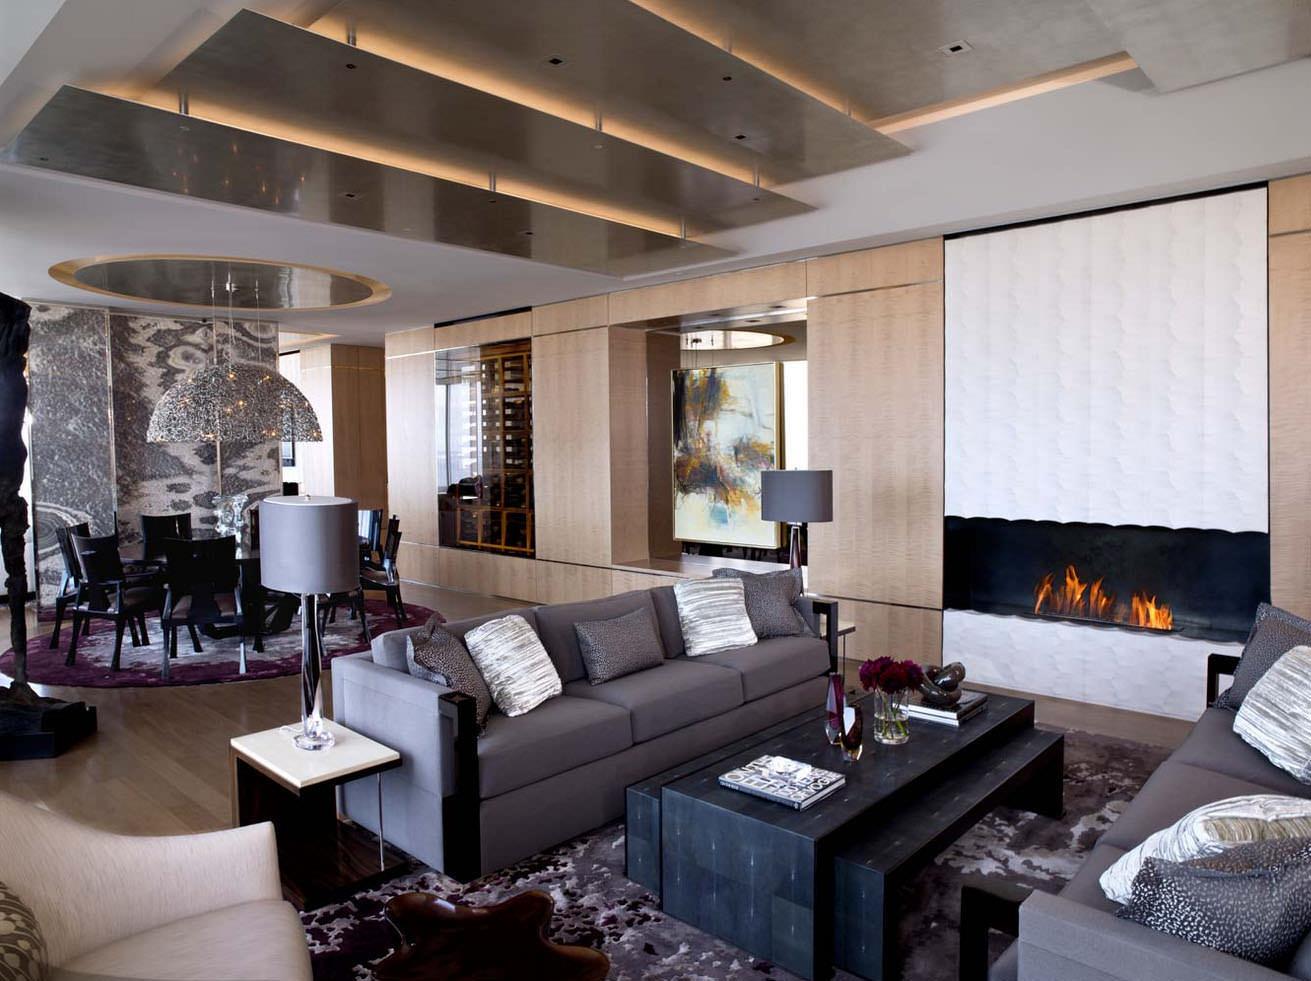 Soffitti A Volta Decorazioni : Come illuminare un soffitto a volta con faretti e applique